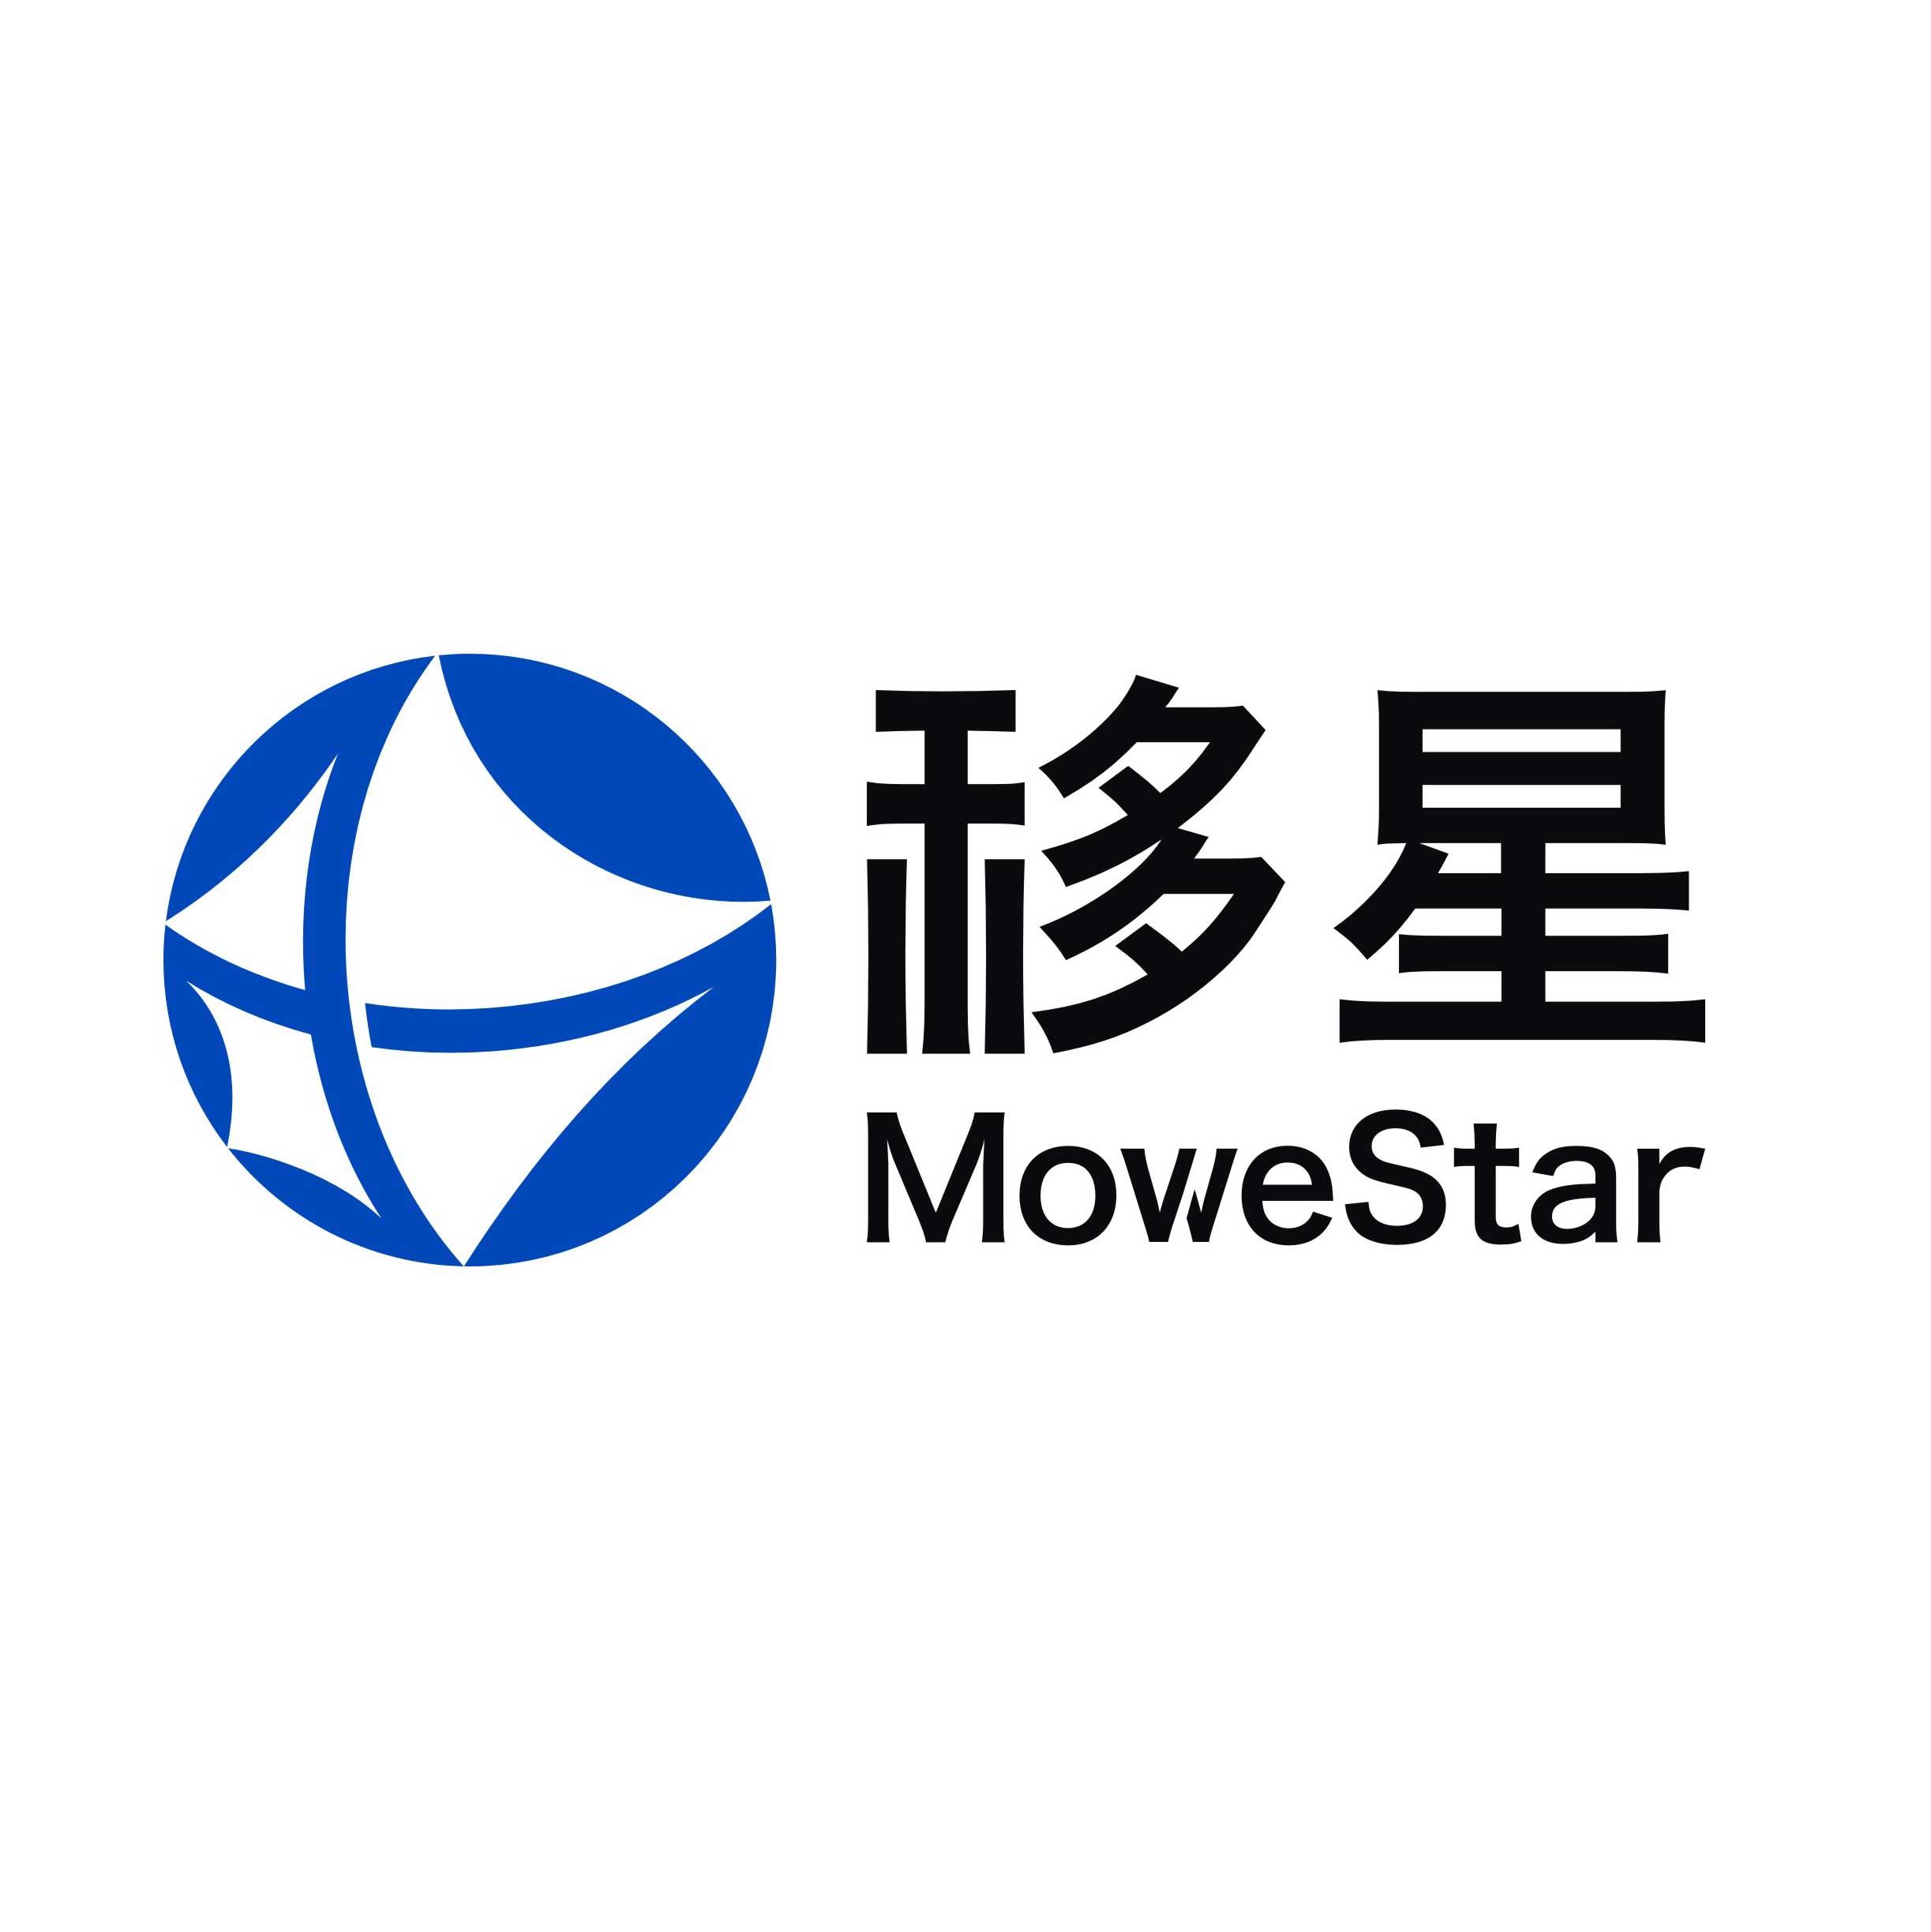 武汉移星科技有限公司